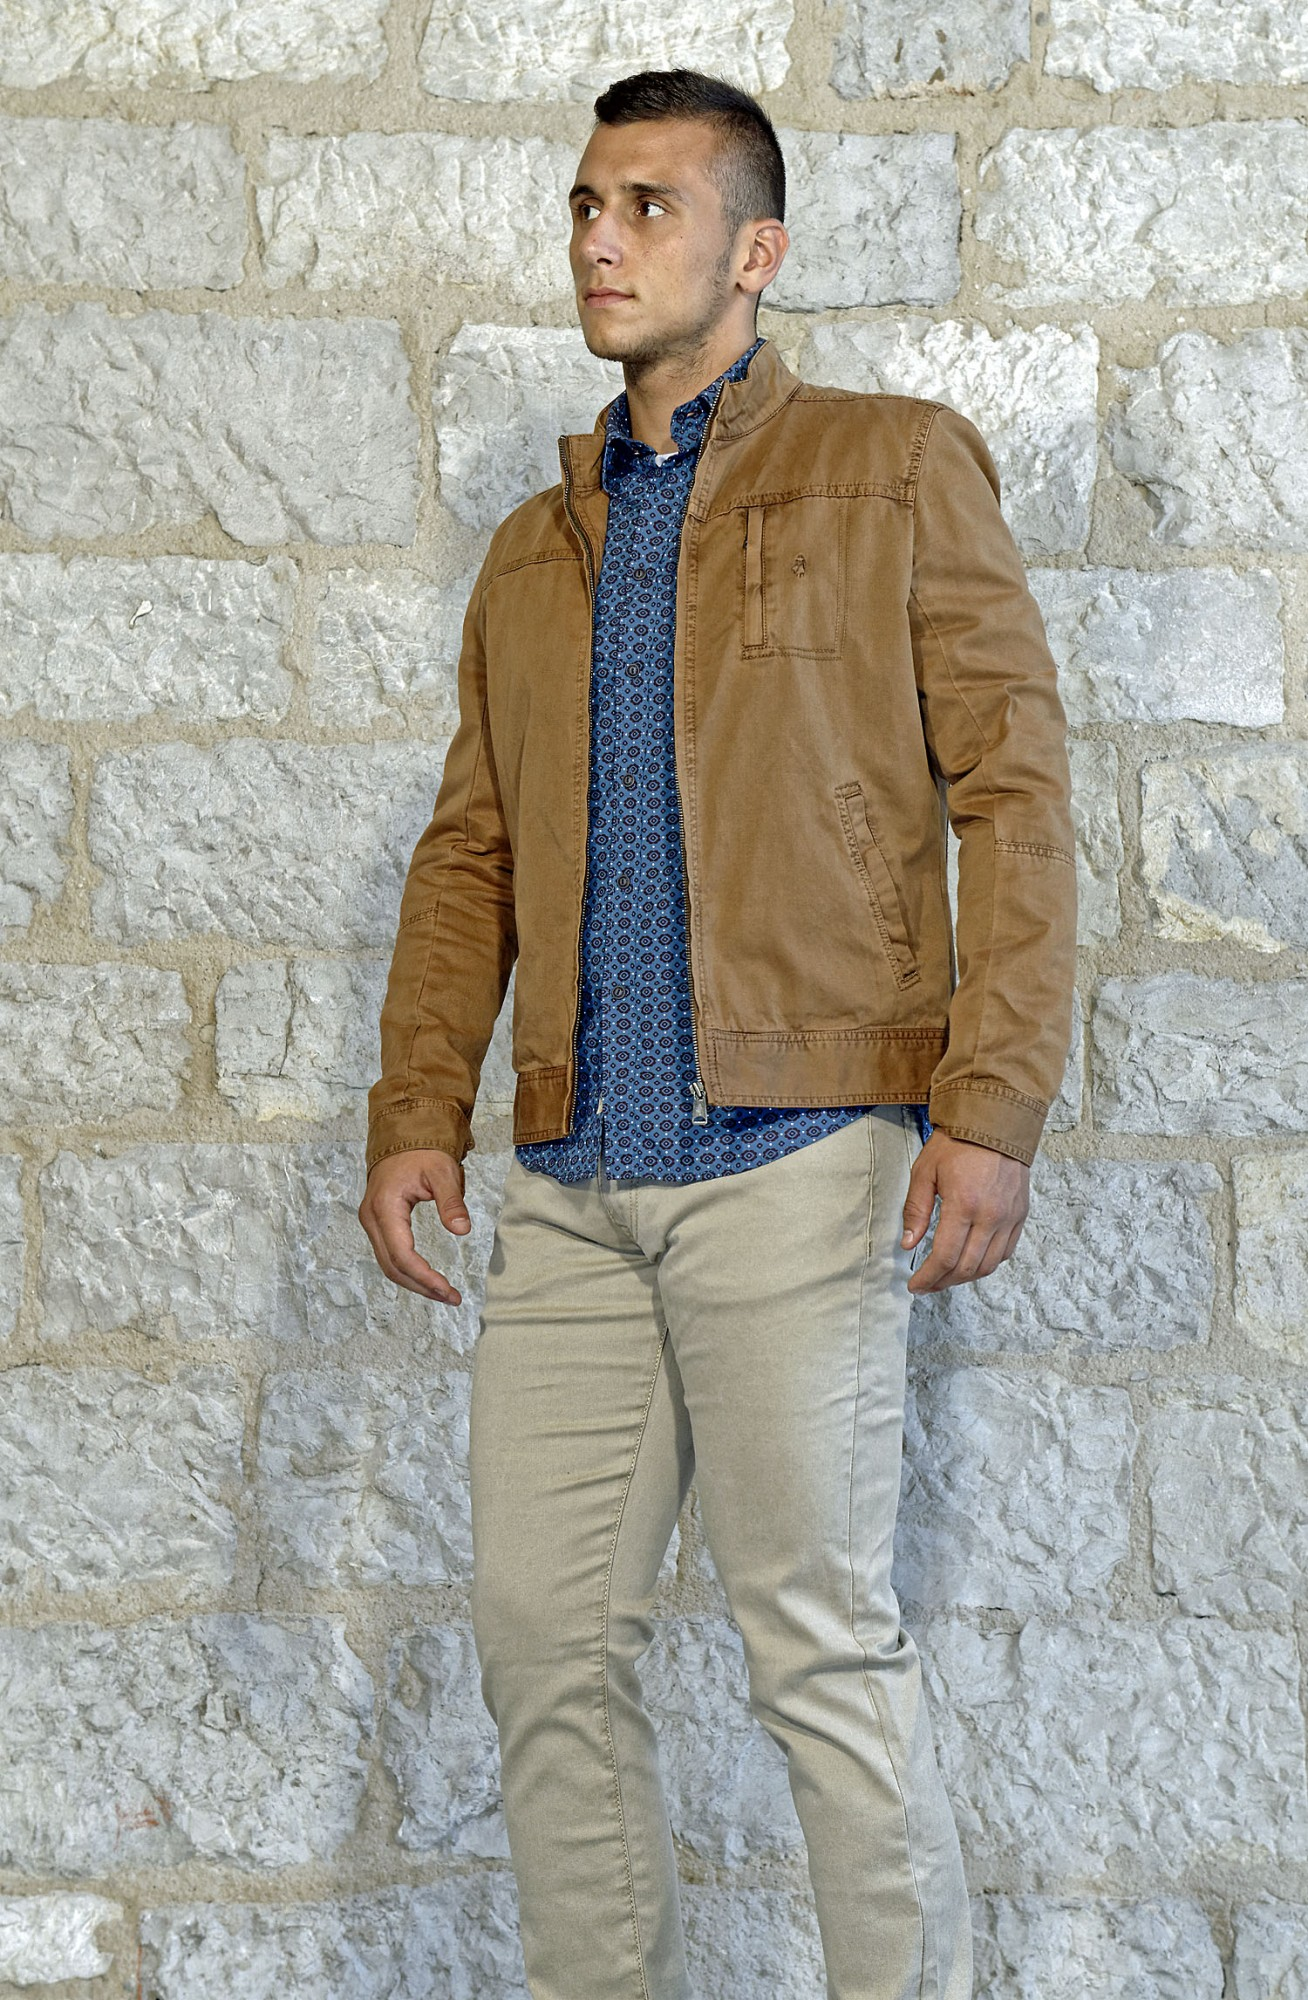 Classics Les Marseille Bonnes Marlboro Mcs Boutique Homme Vêtement wq6zzgI